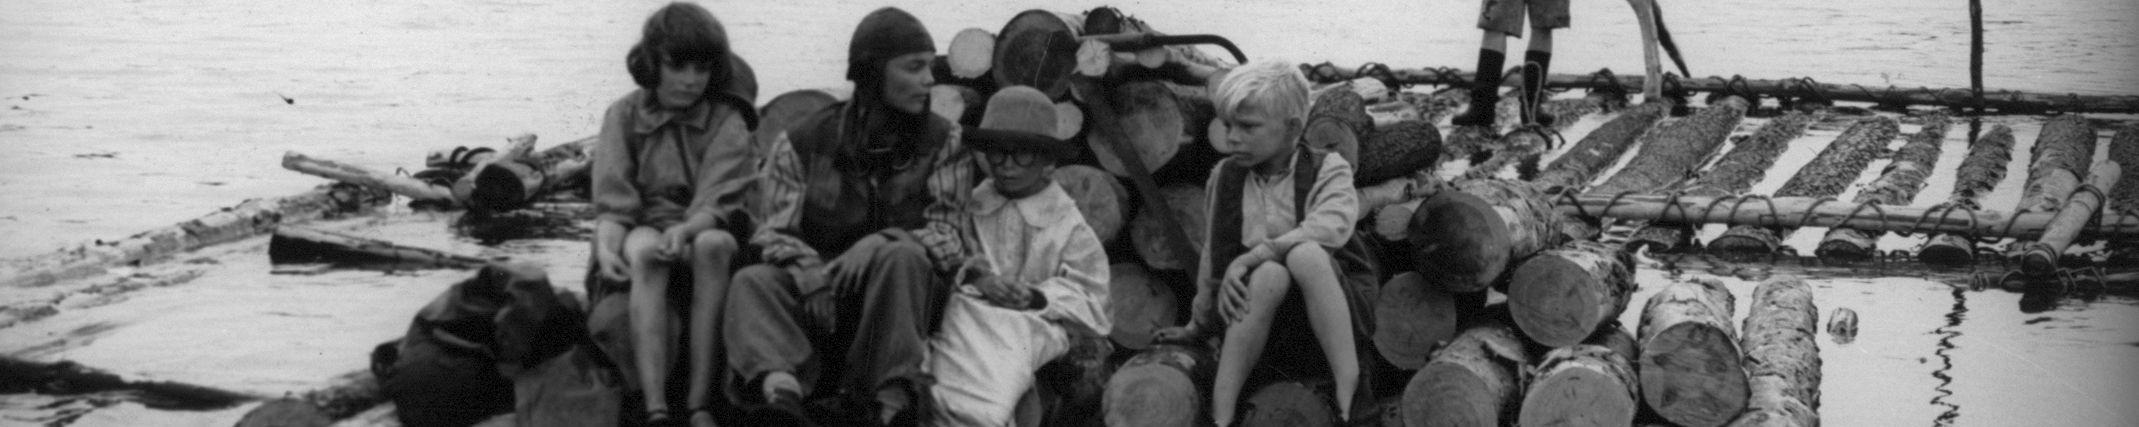 """Filmstill zu """"Das Eismeer ruft"""""""